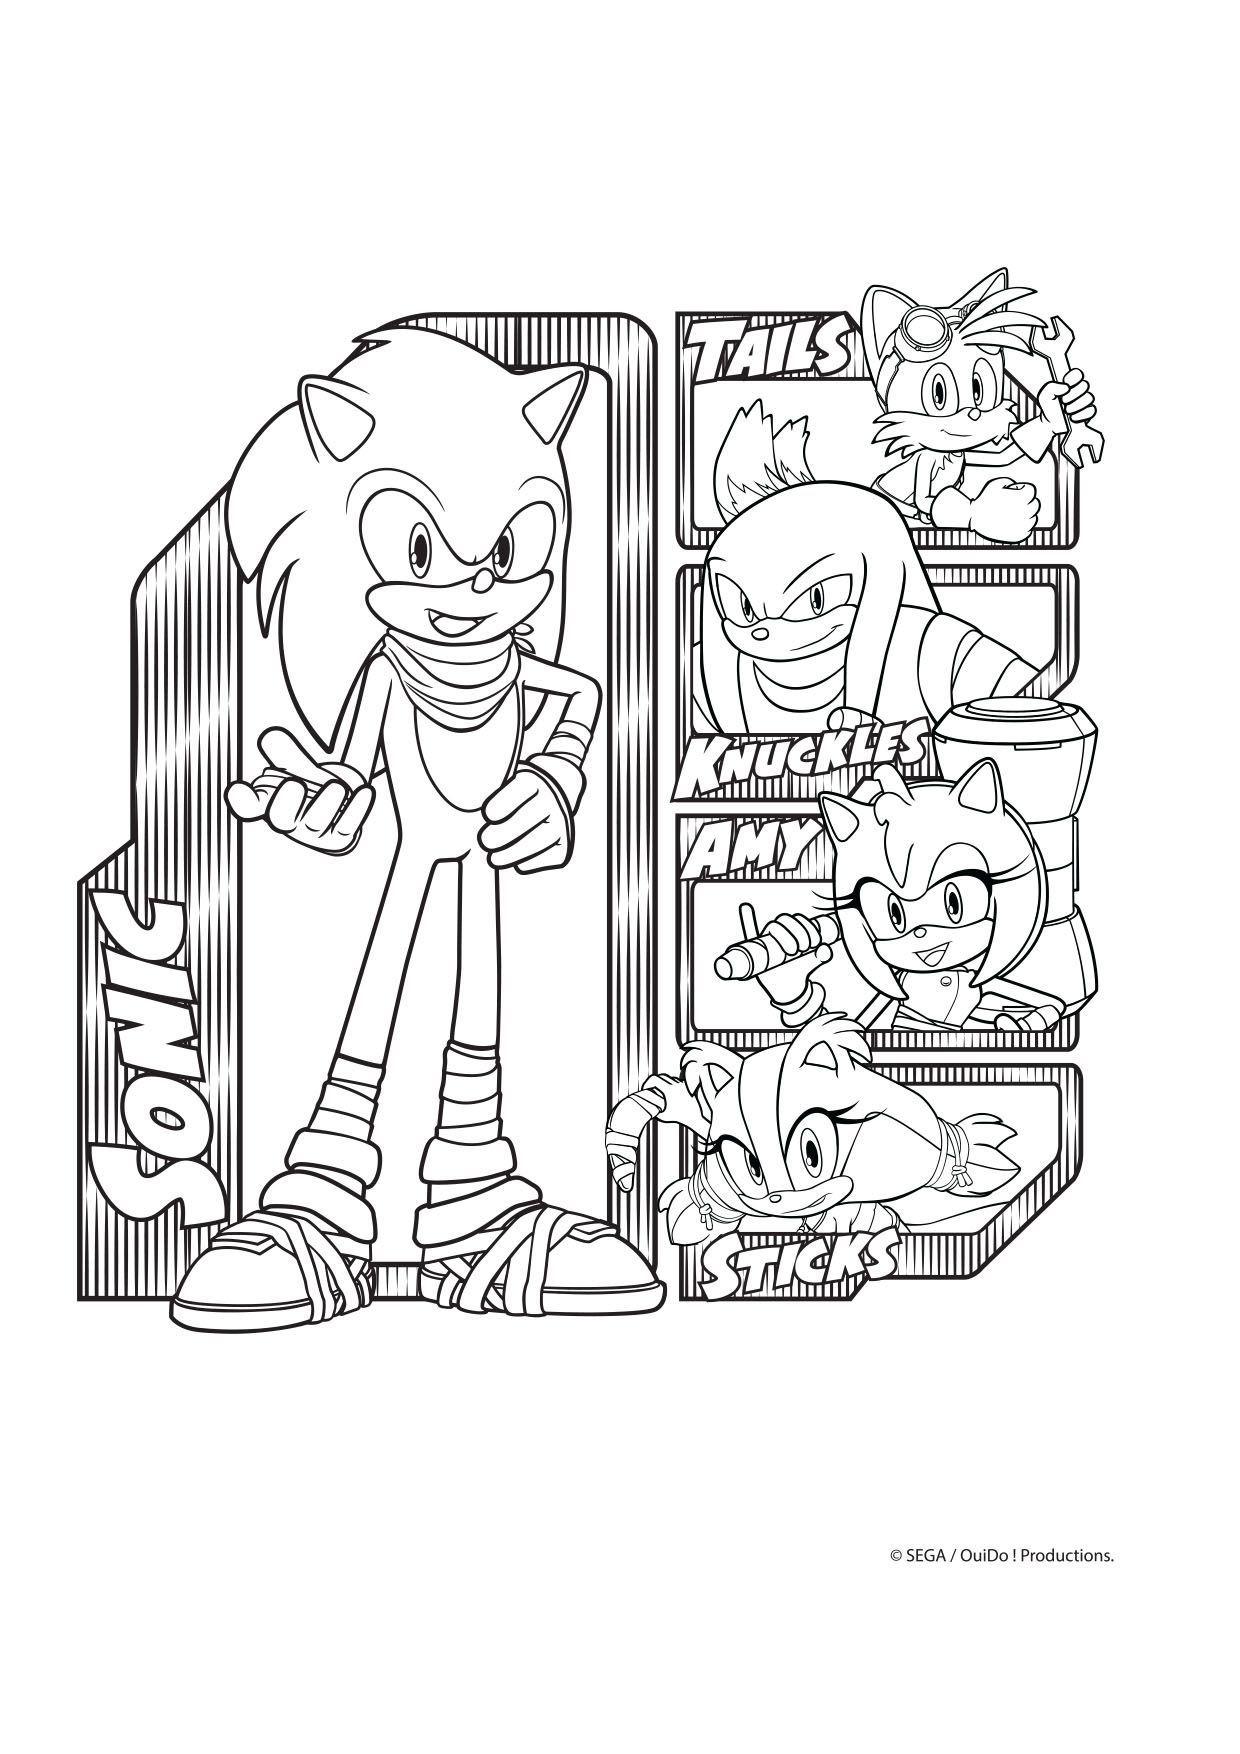 Coloriage Sonic et son équipe   Coloriage Sonic Boom   Coloriages ...